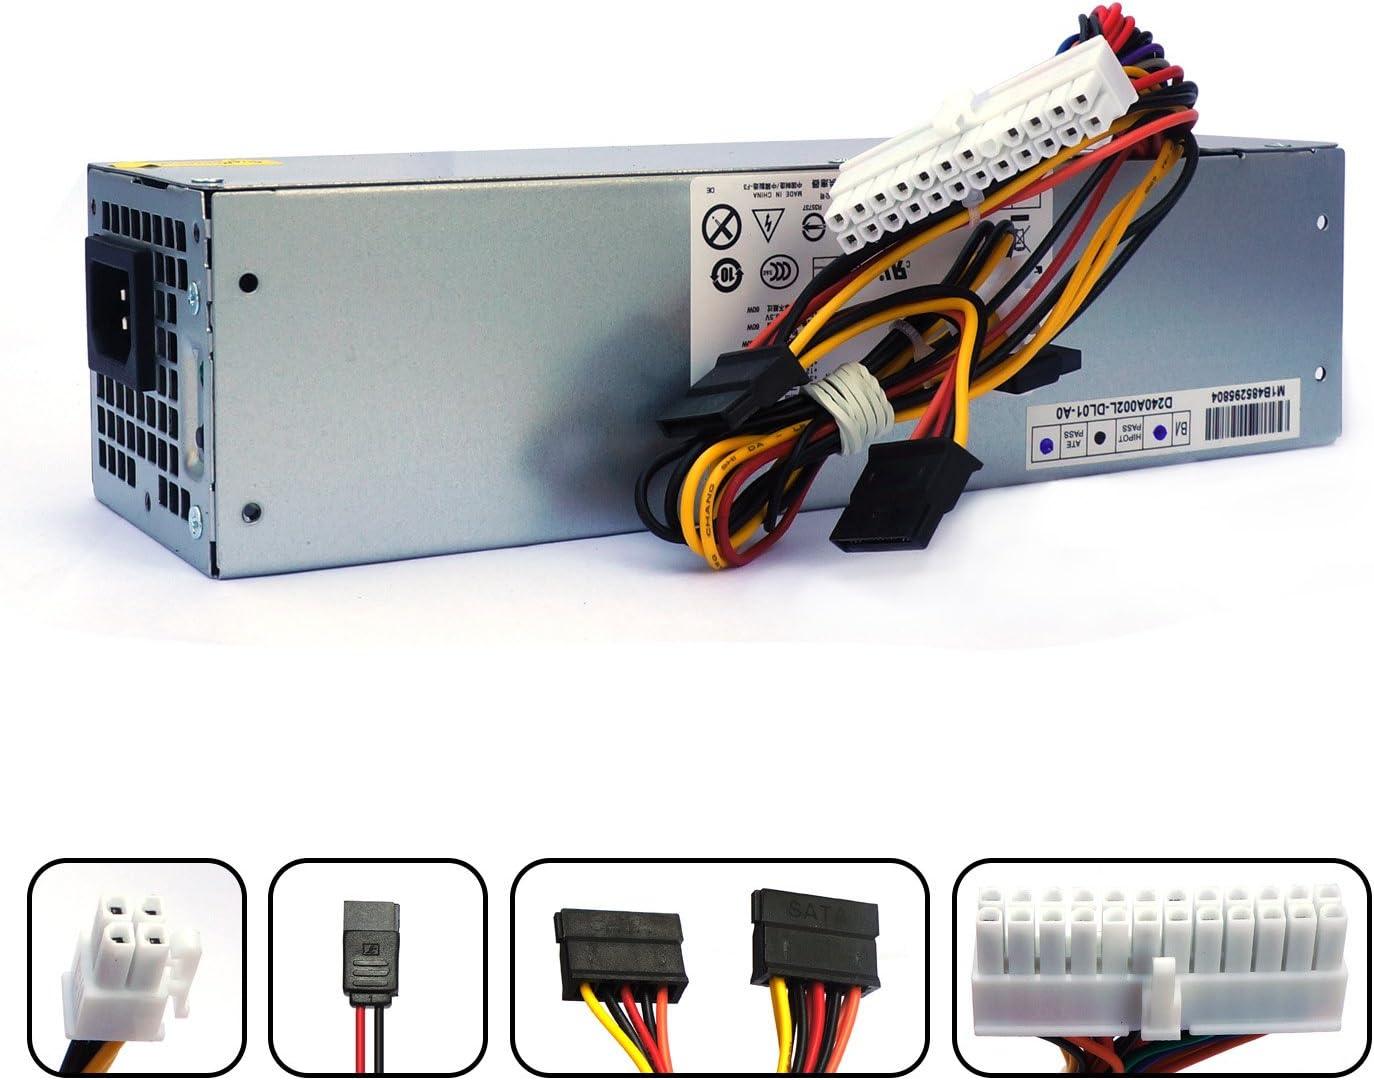 POINWER H240AS-01 2TXYM 3WN11 H240AS-00 709MT 240W Optiplex 7010 SFF Power Supply for Dell Optiplex 390 790 990 3010 9010 Small Form Factor Systems CCCVC 3RK5T F79TD L240AS-00 H240ES-00 D240ES-00